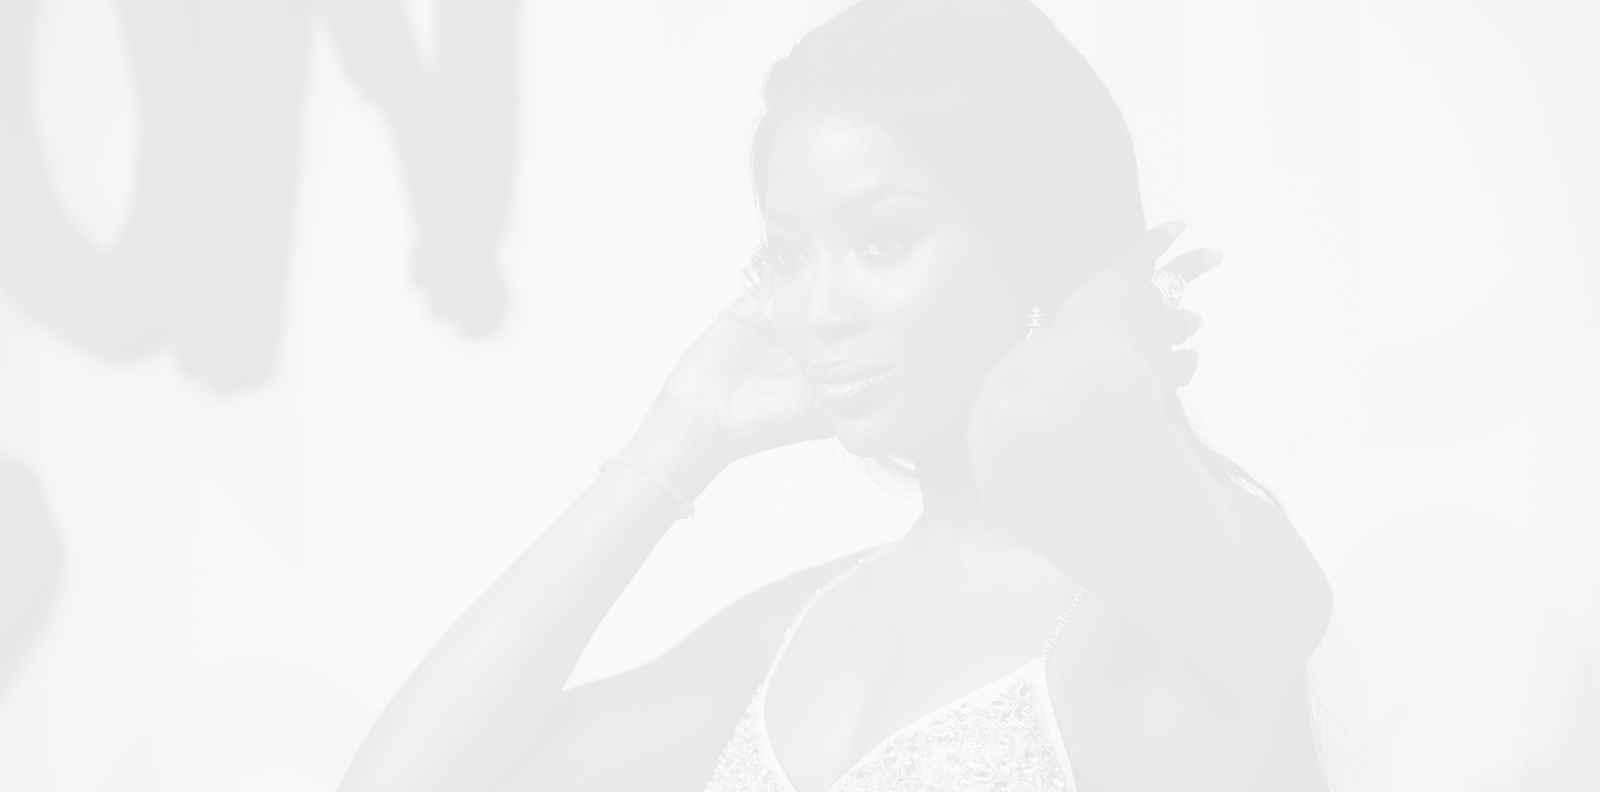 Наоми Кембъл не бе допусната до светско събитие заради цвета на кожата ù